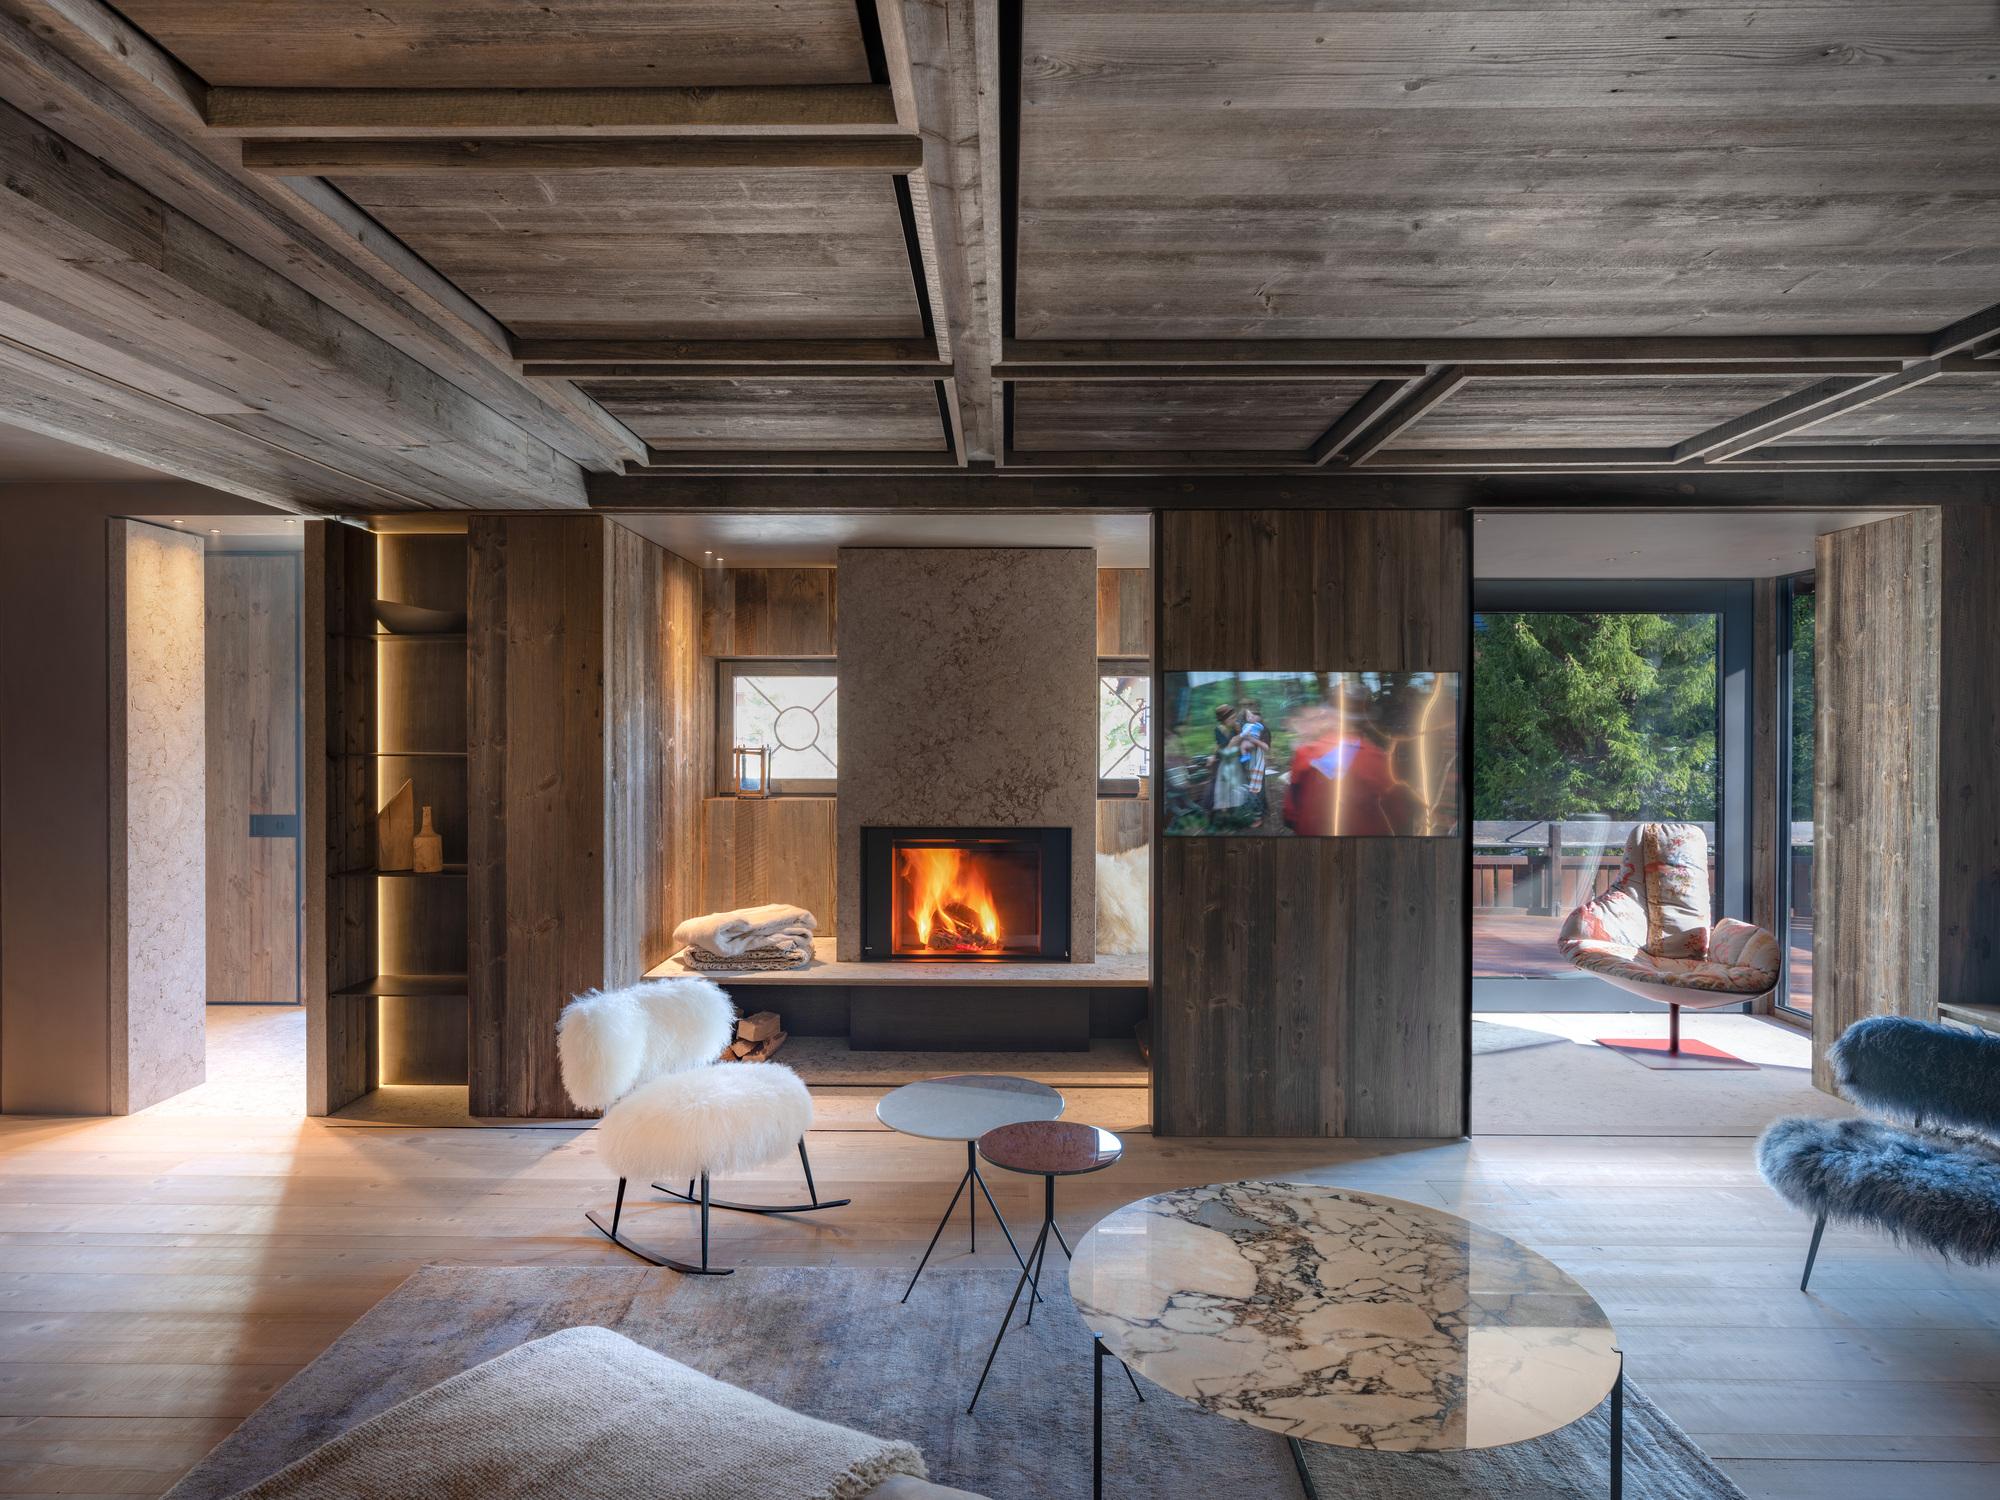 Interiores da Casa Cortina / Outlinestudio74